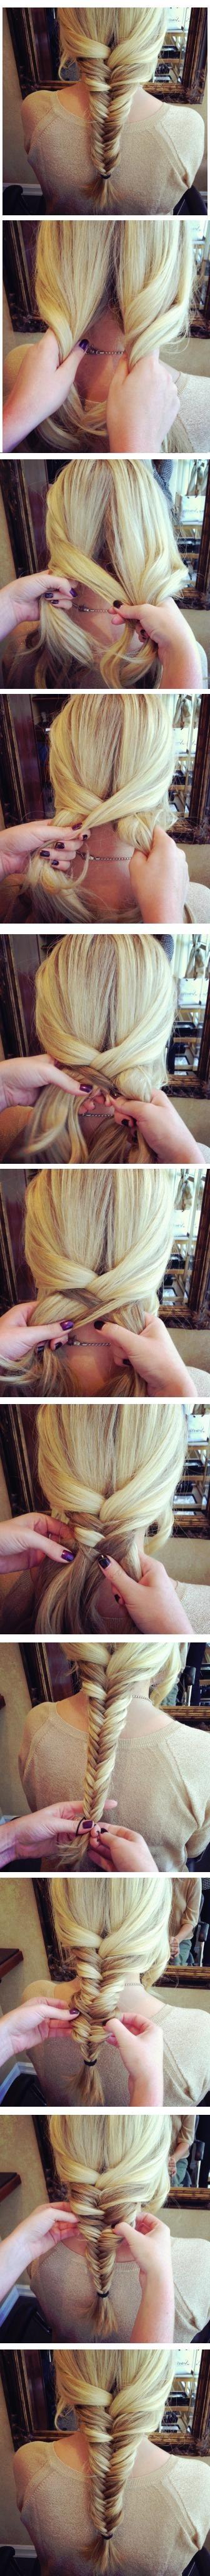 Fishtail Braid Tutorial: Cute Hairstyles for Girls